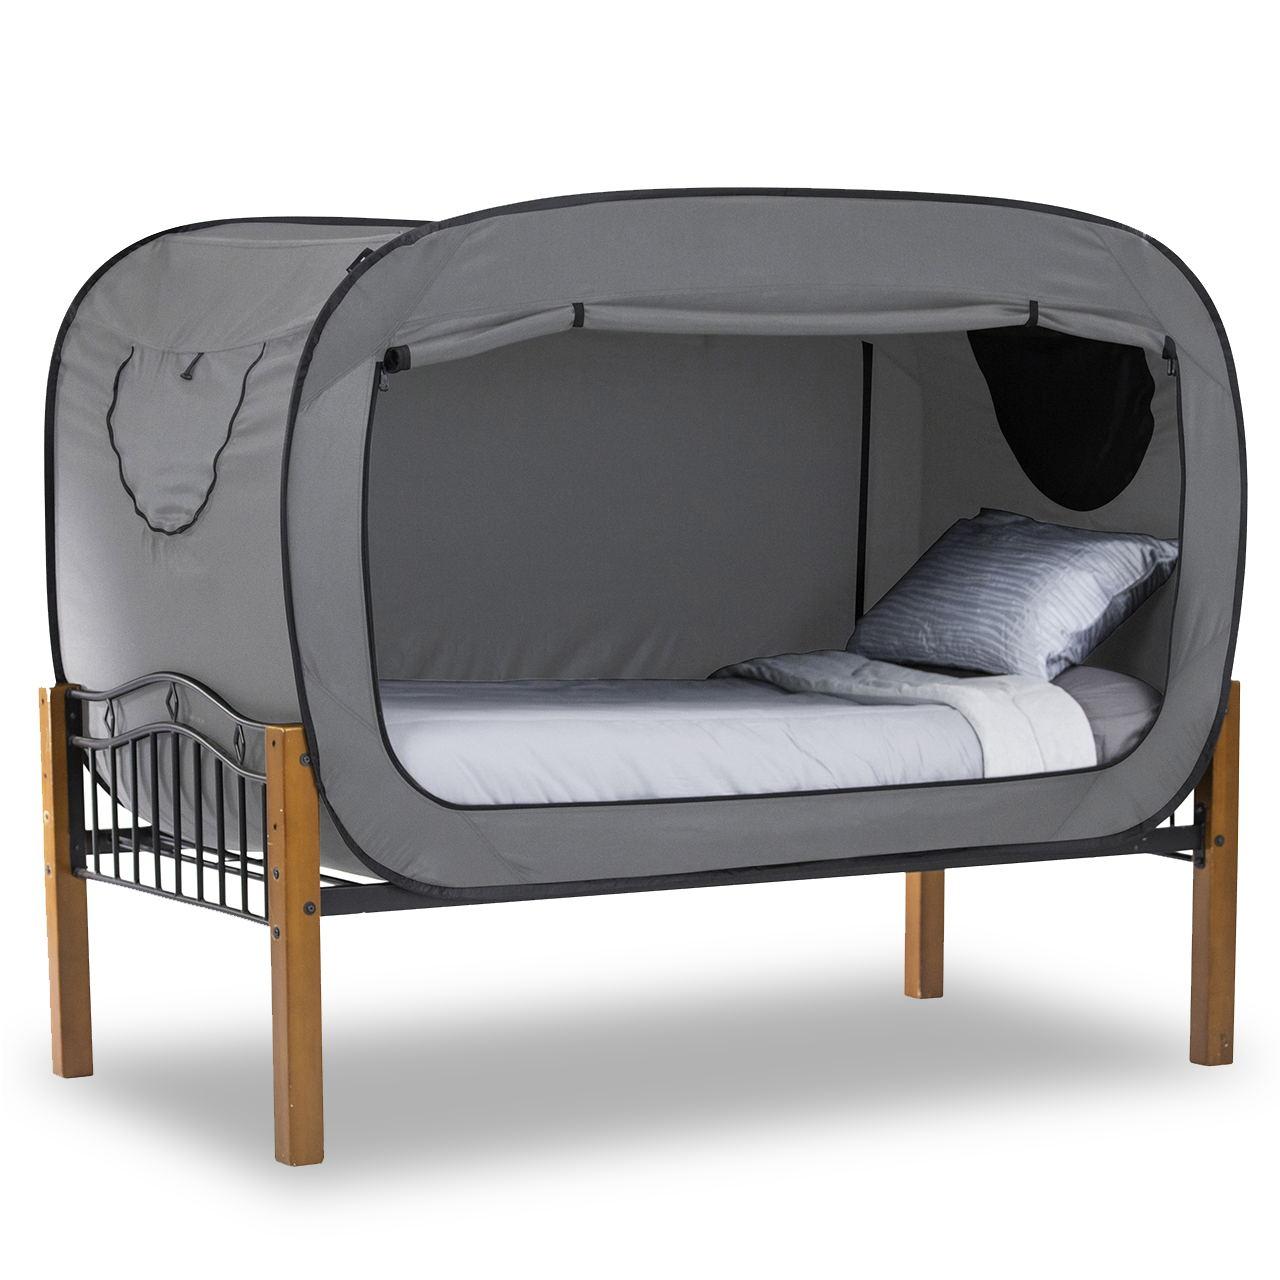 2019 nouveau pliable quatre saisons rapide ouvert camping tentes dortoir intimité lit ventilation superposé isolation tente plage tente